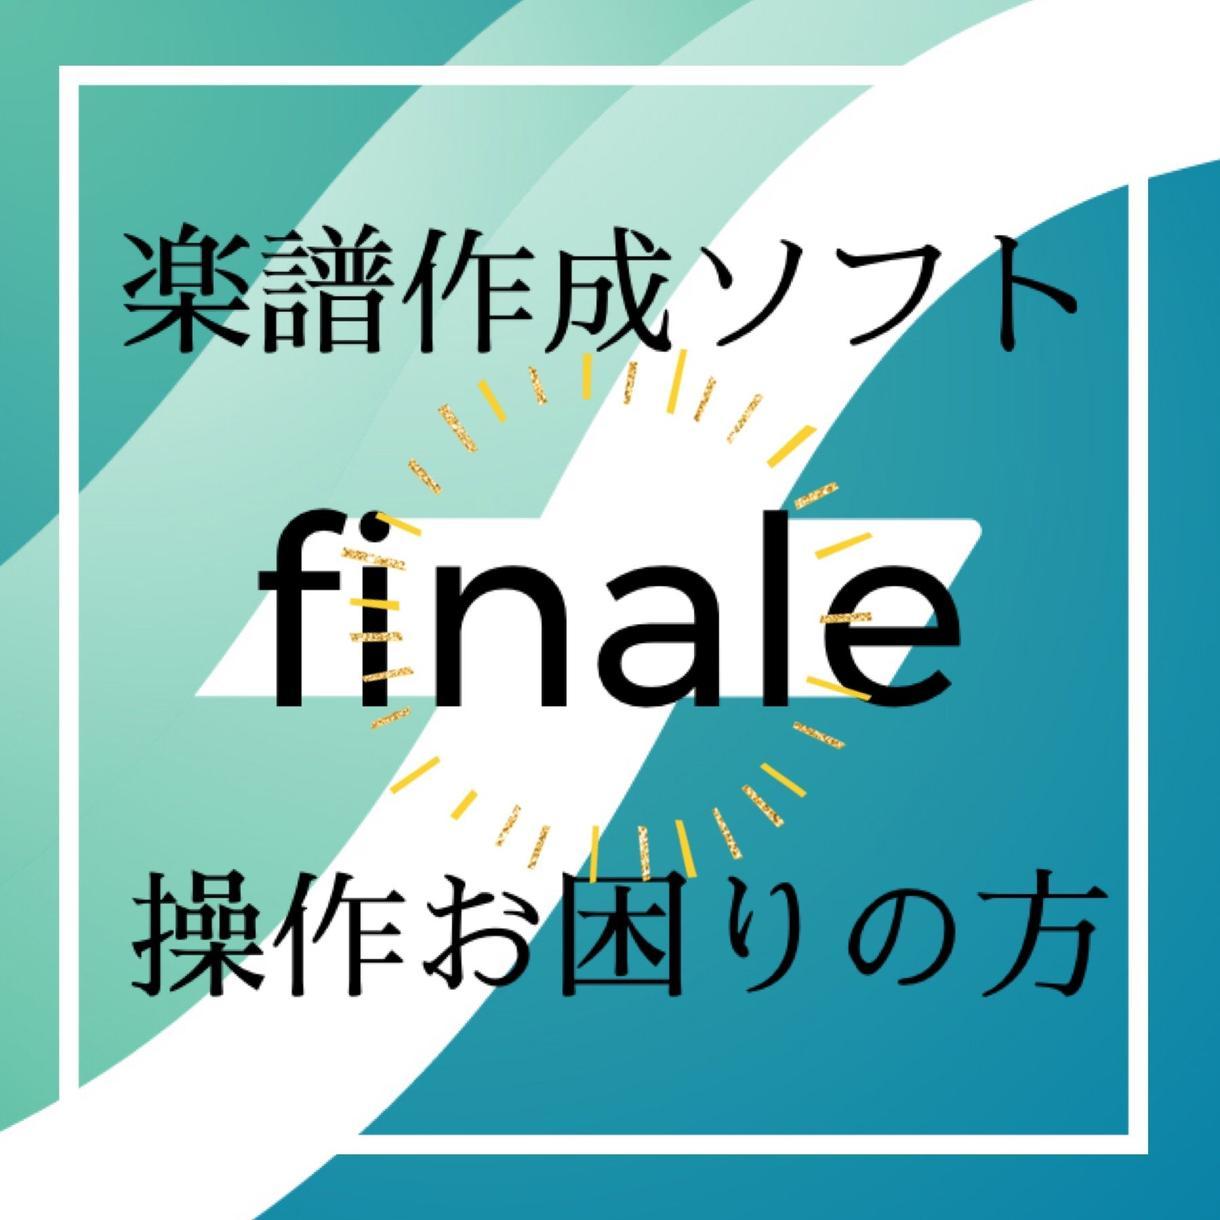 楽譜作成ソフト【finale】の操作案内します 便利な機能を活用して美しい楽譜を作りませんか? イメージ1